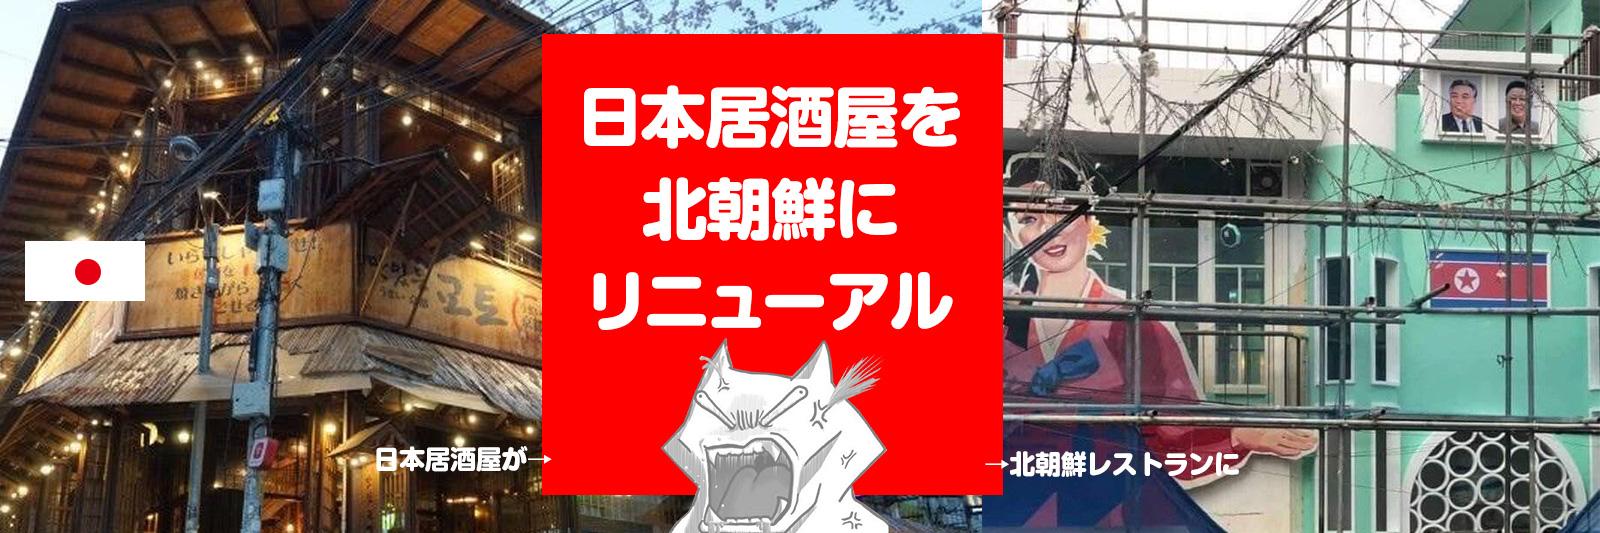 日本居酒屋を北朝鮮にリニューアル